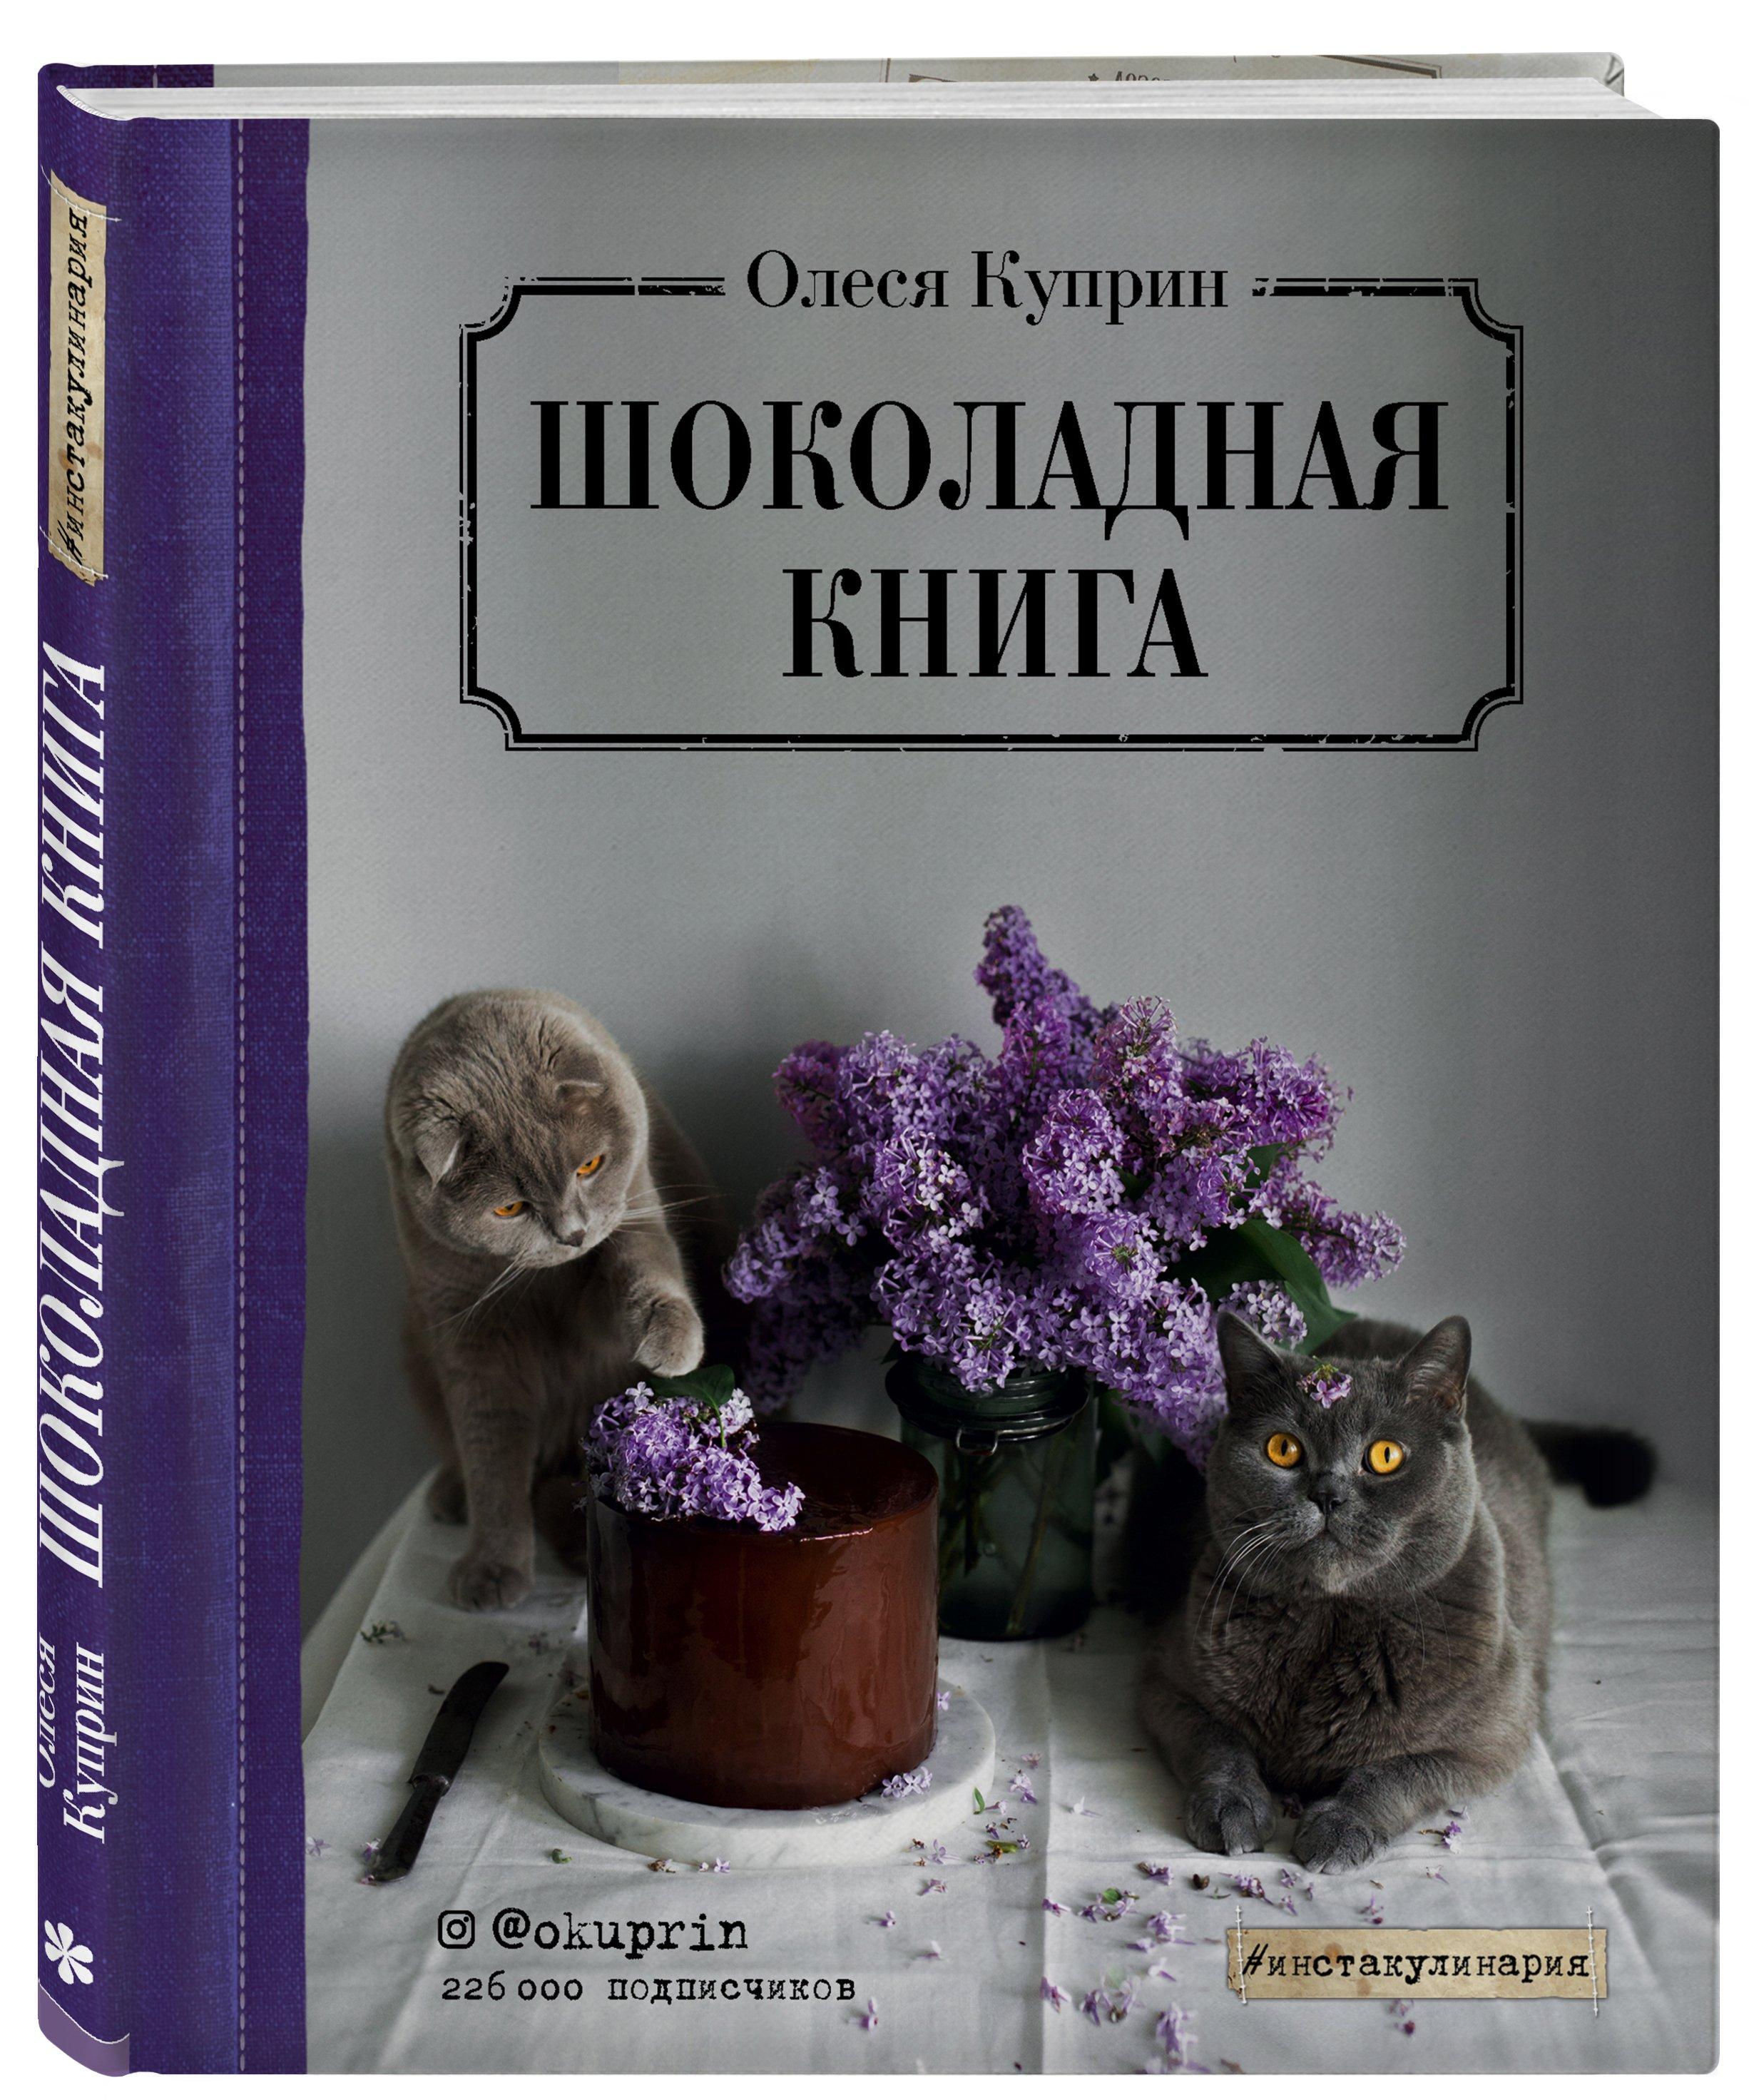 Шоколадная книга (с автографом) ( Куприн Олеся  )